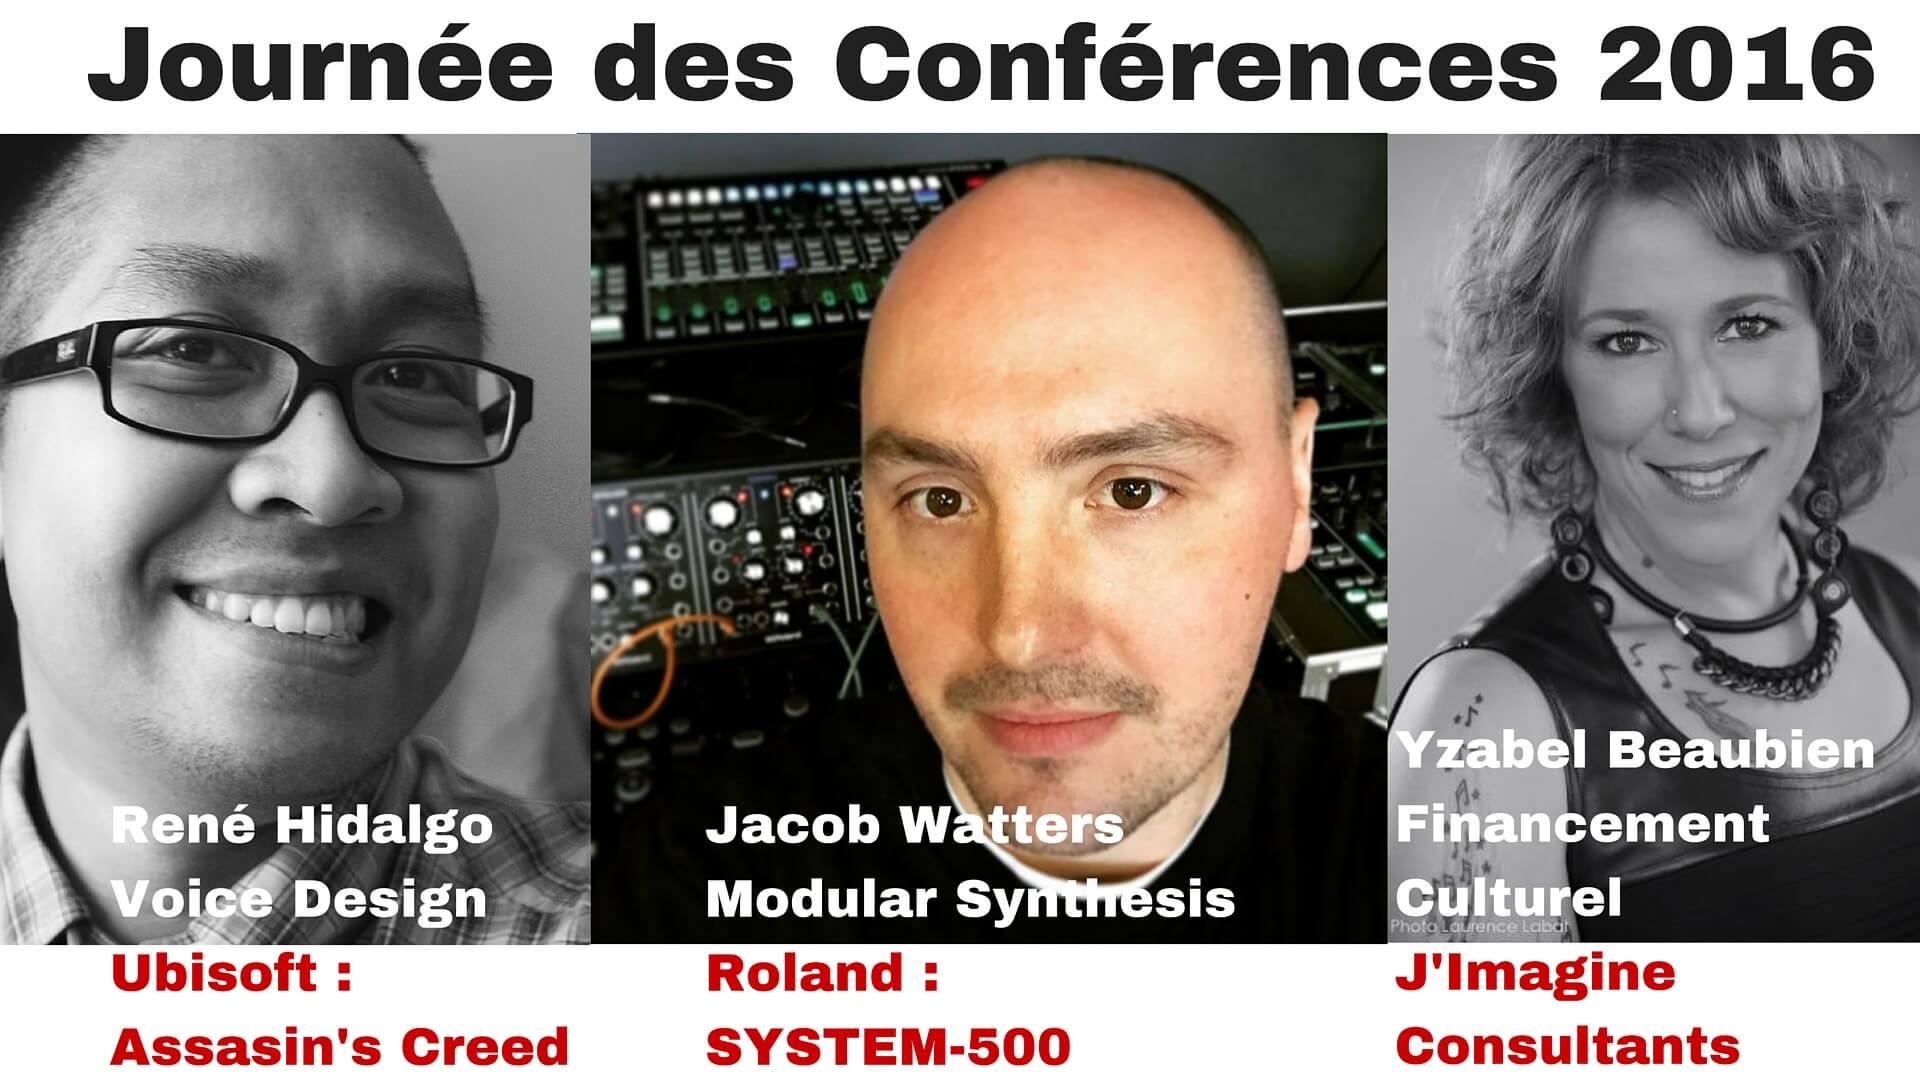 Journée des Conférences 2016